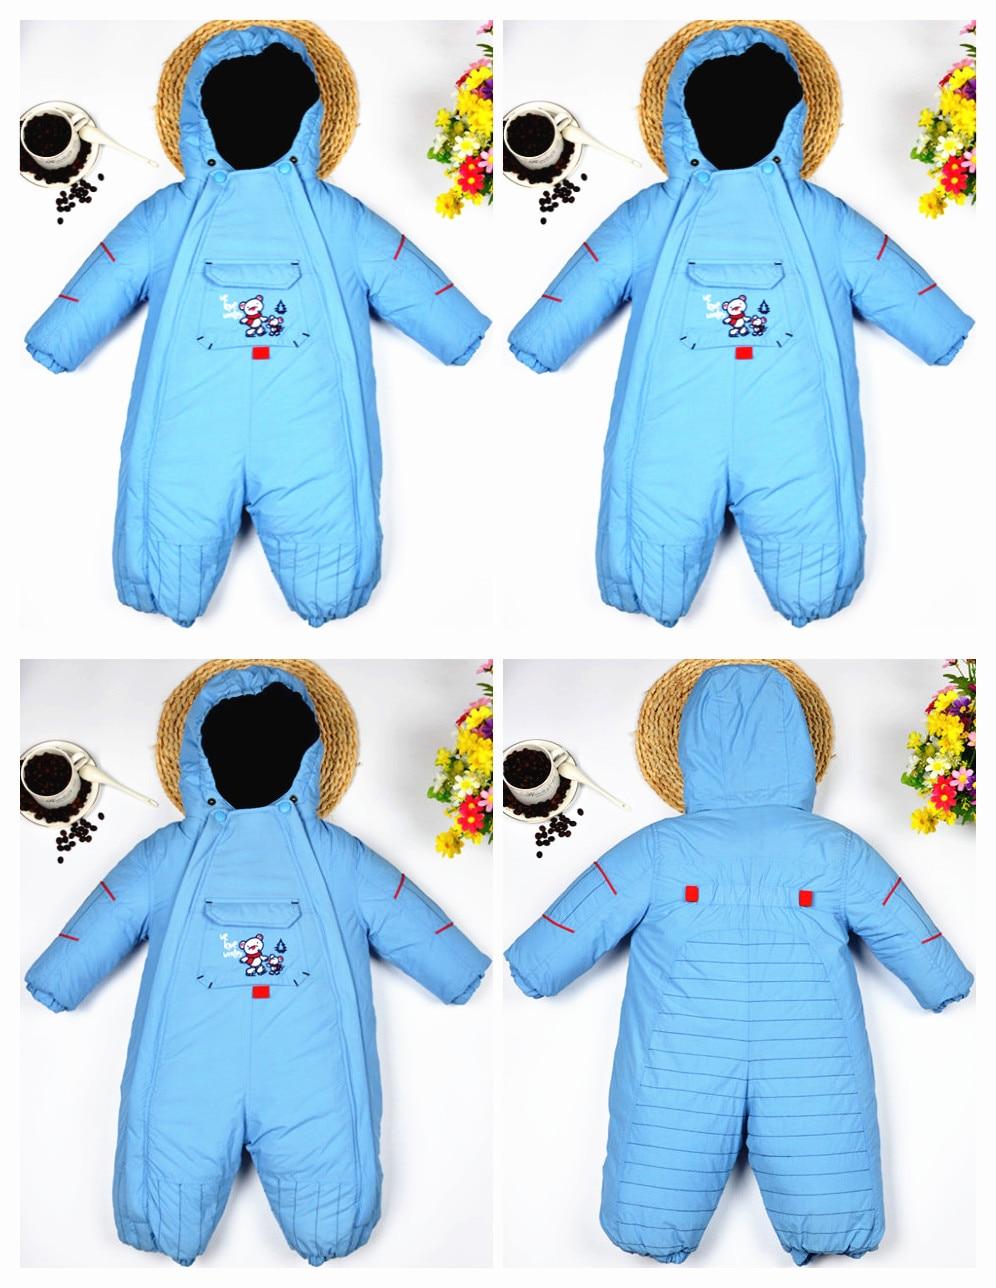 Designer de îmbrăcăminte pentru îmbrăcăminte exterioară - Haine bebeluși